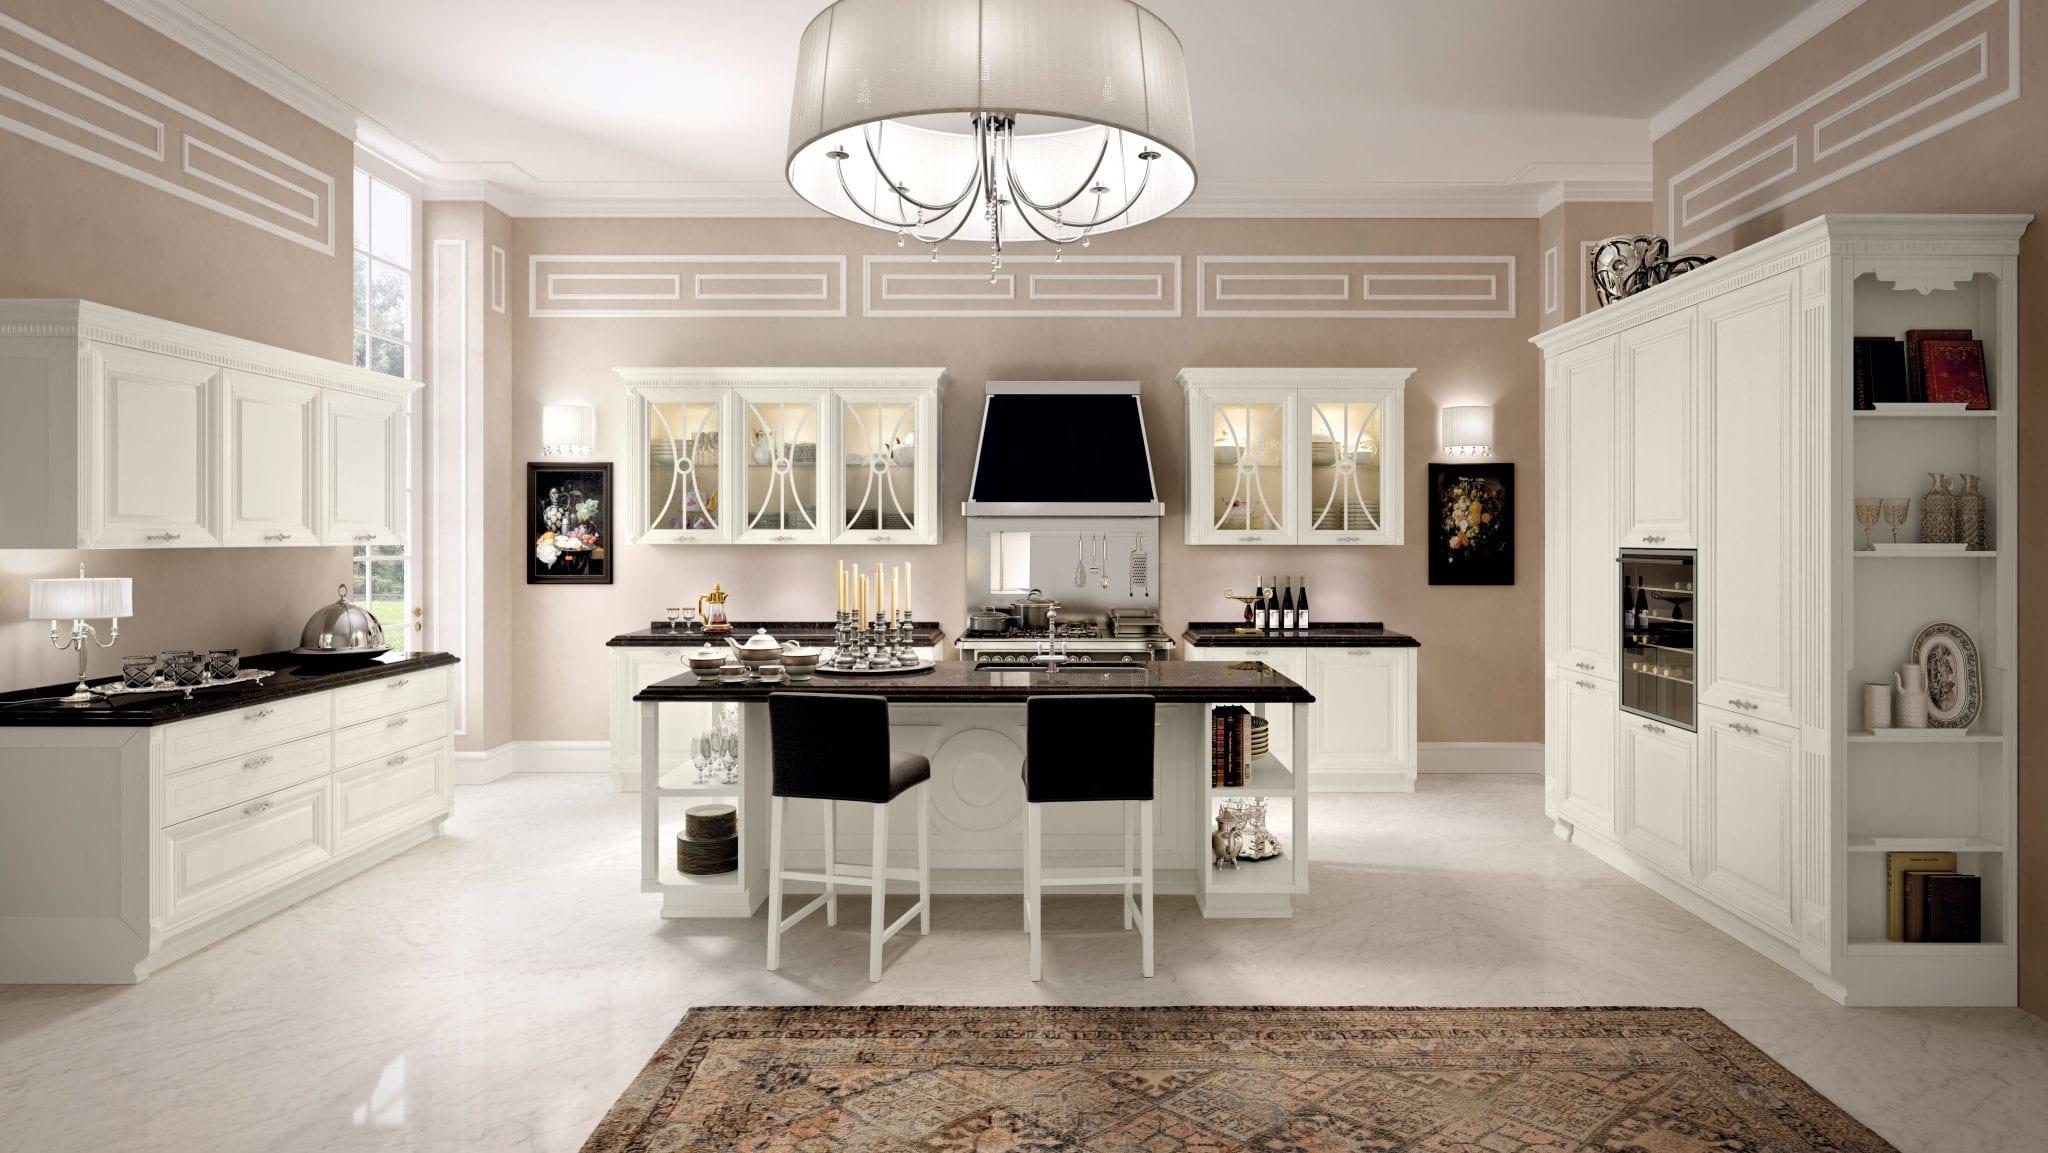 Cucina classica pantheon - Cucina lube pantheon ...